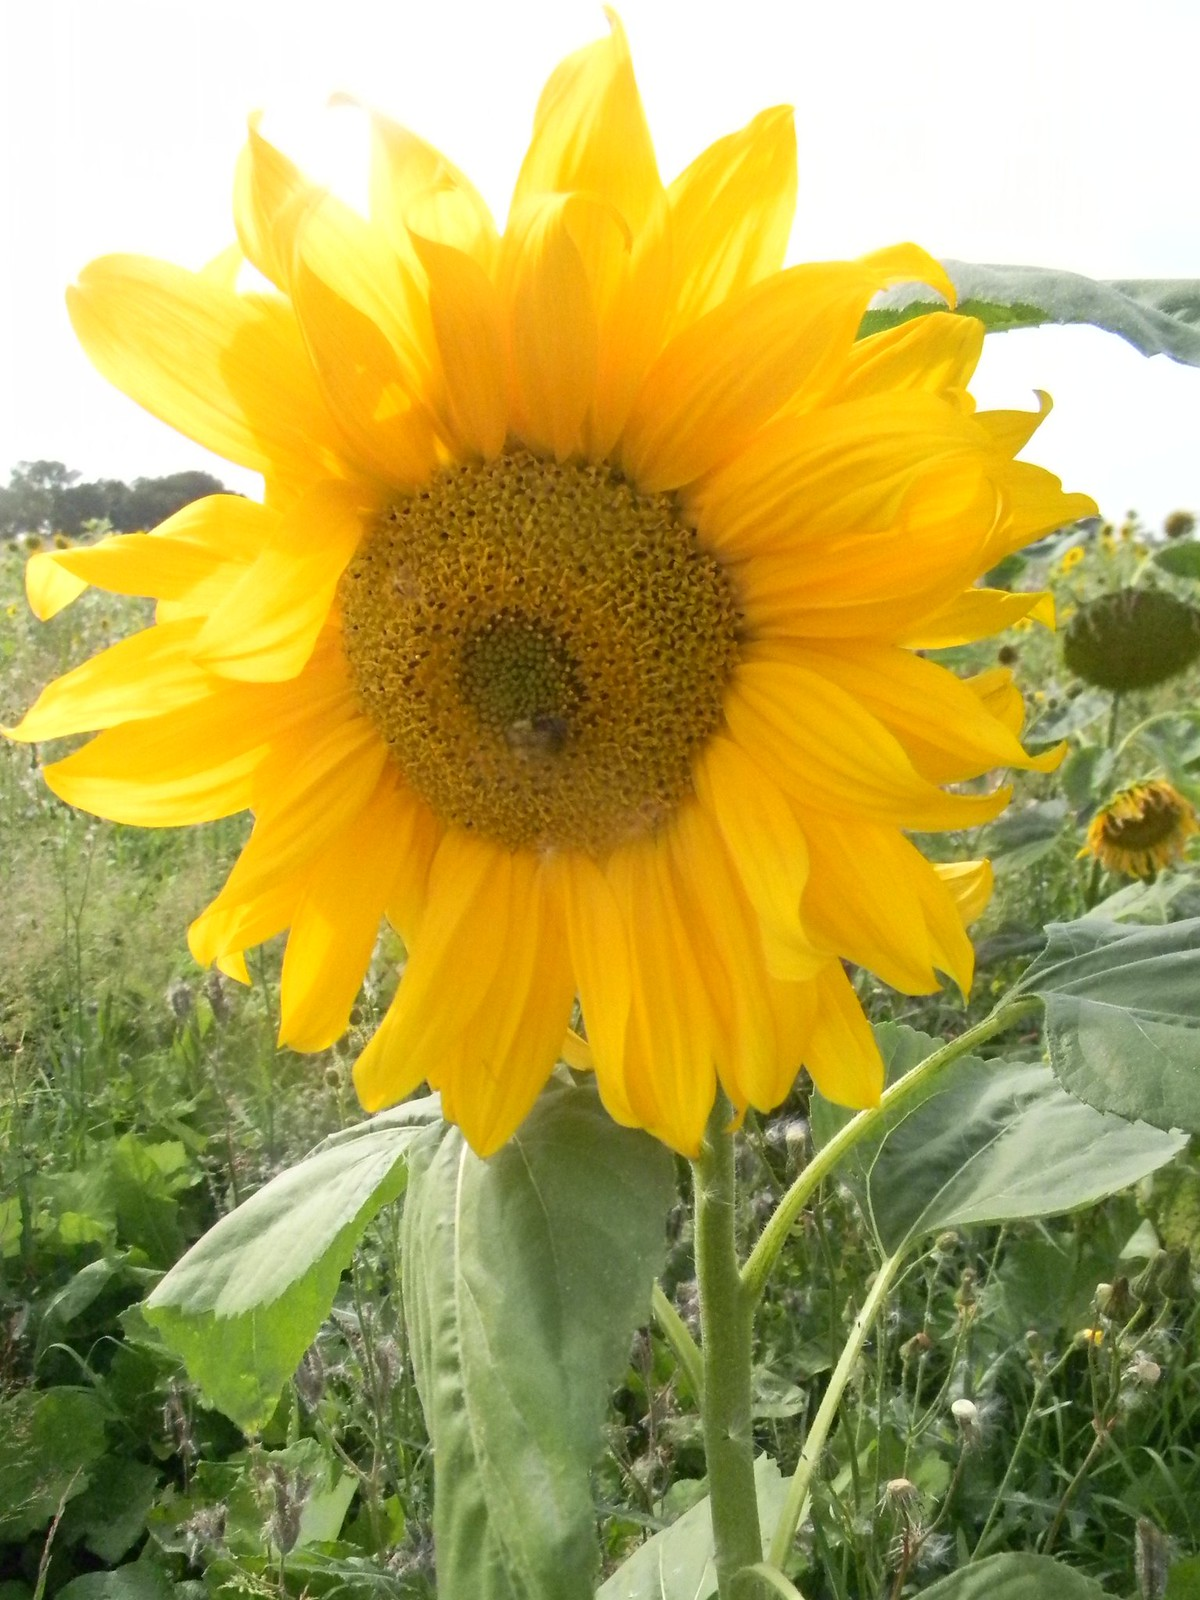 Sunflower Chesham to Great Missenden